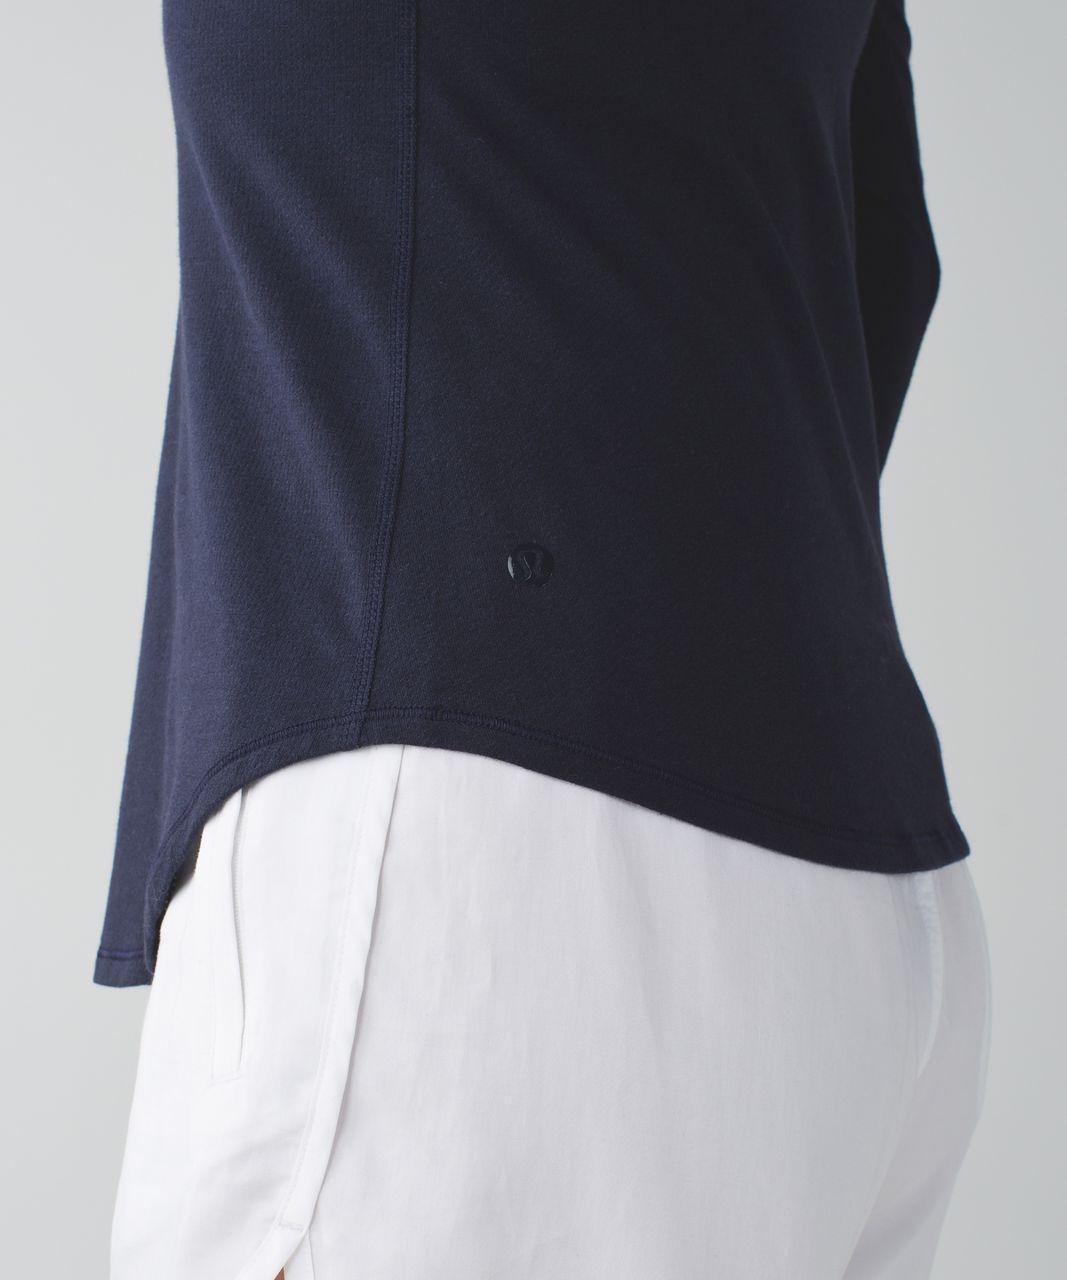 Lululemon Inner Essence Long Sleeve Tee - Naval Blue